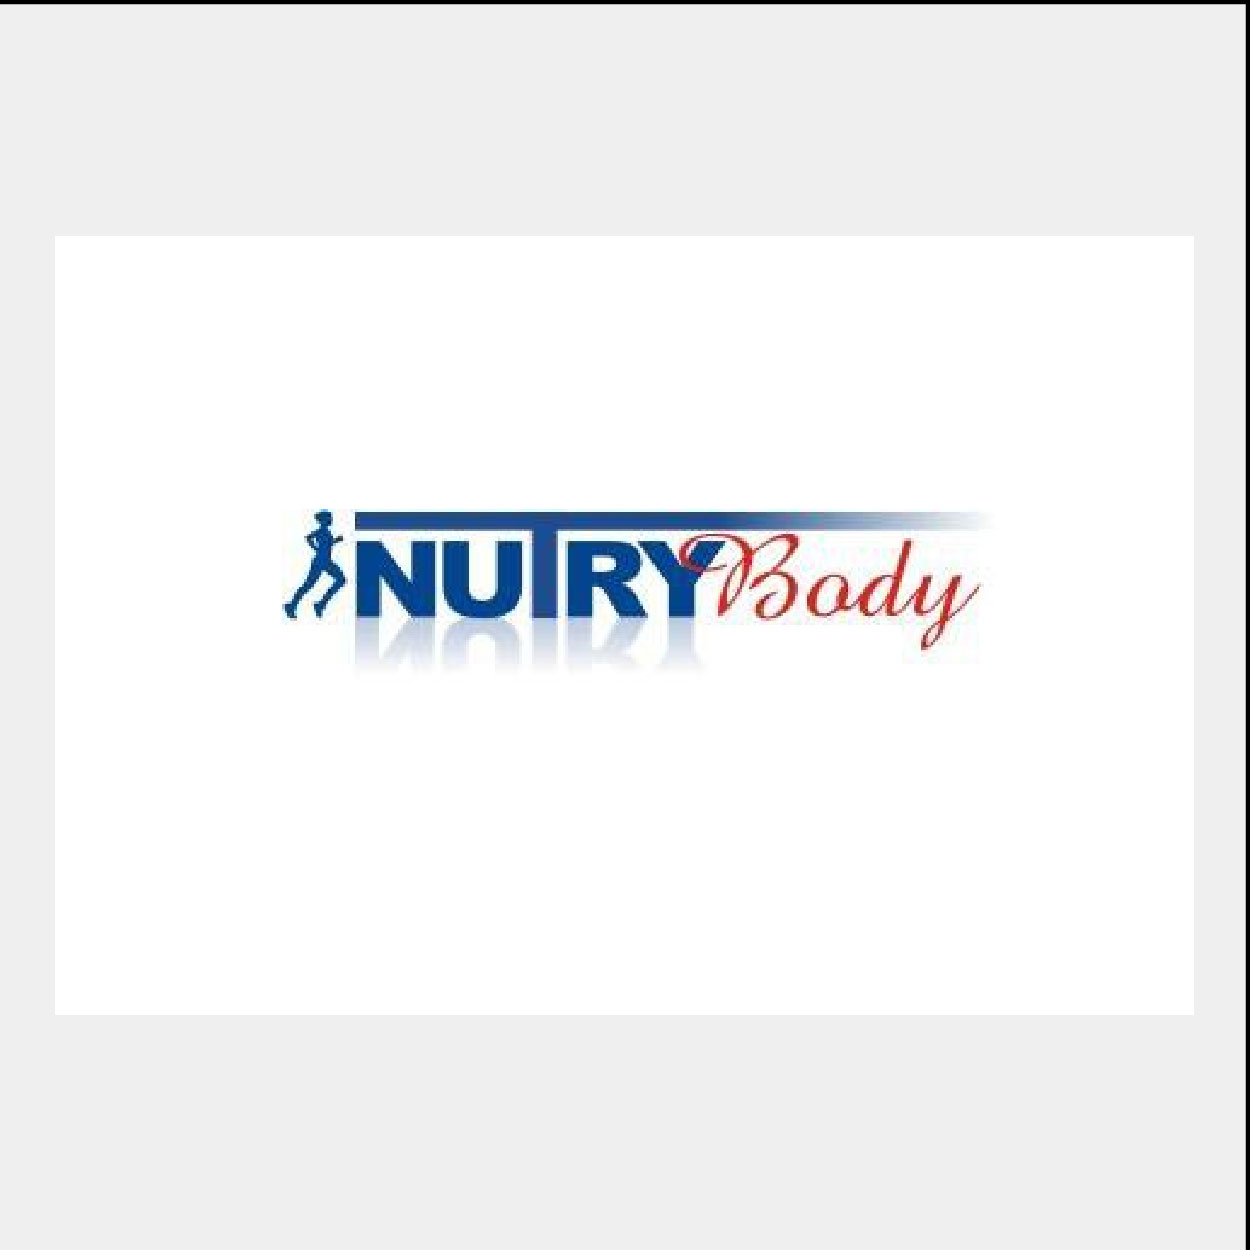 Nutrybody-01